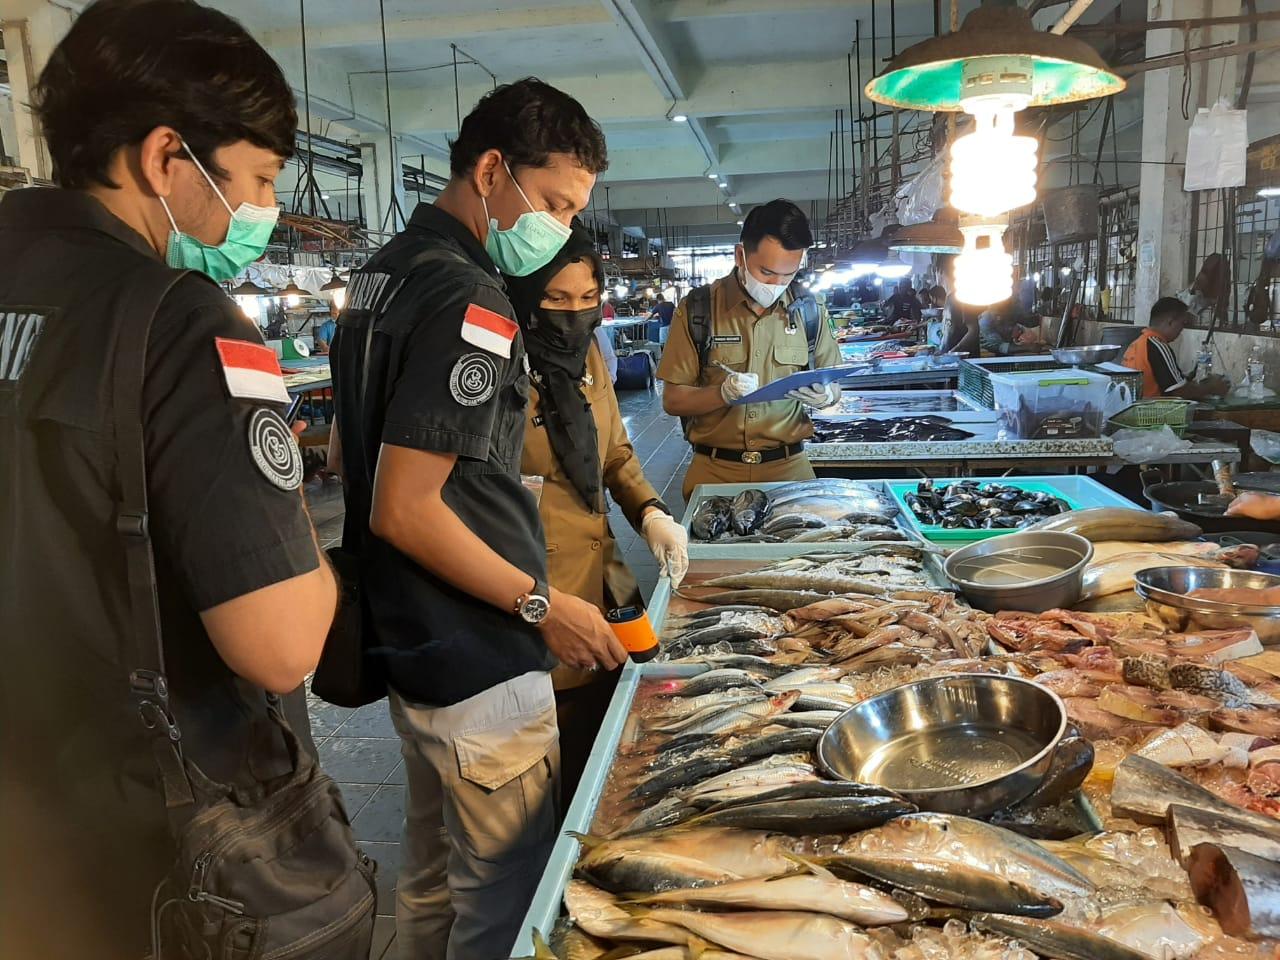 Bersama tim SKIPM Batam, BPOM Batam, PDSKP Batam, dan Disperindag Kota Batam melaksanakan monitoring pengawasan mutu hasil perikanan (Inpres 01) di Pasar Fanindo Kec. Batuaji dan Pasar Botania Kec. Batam Kota.